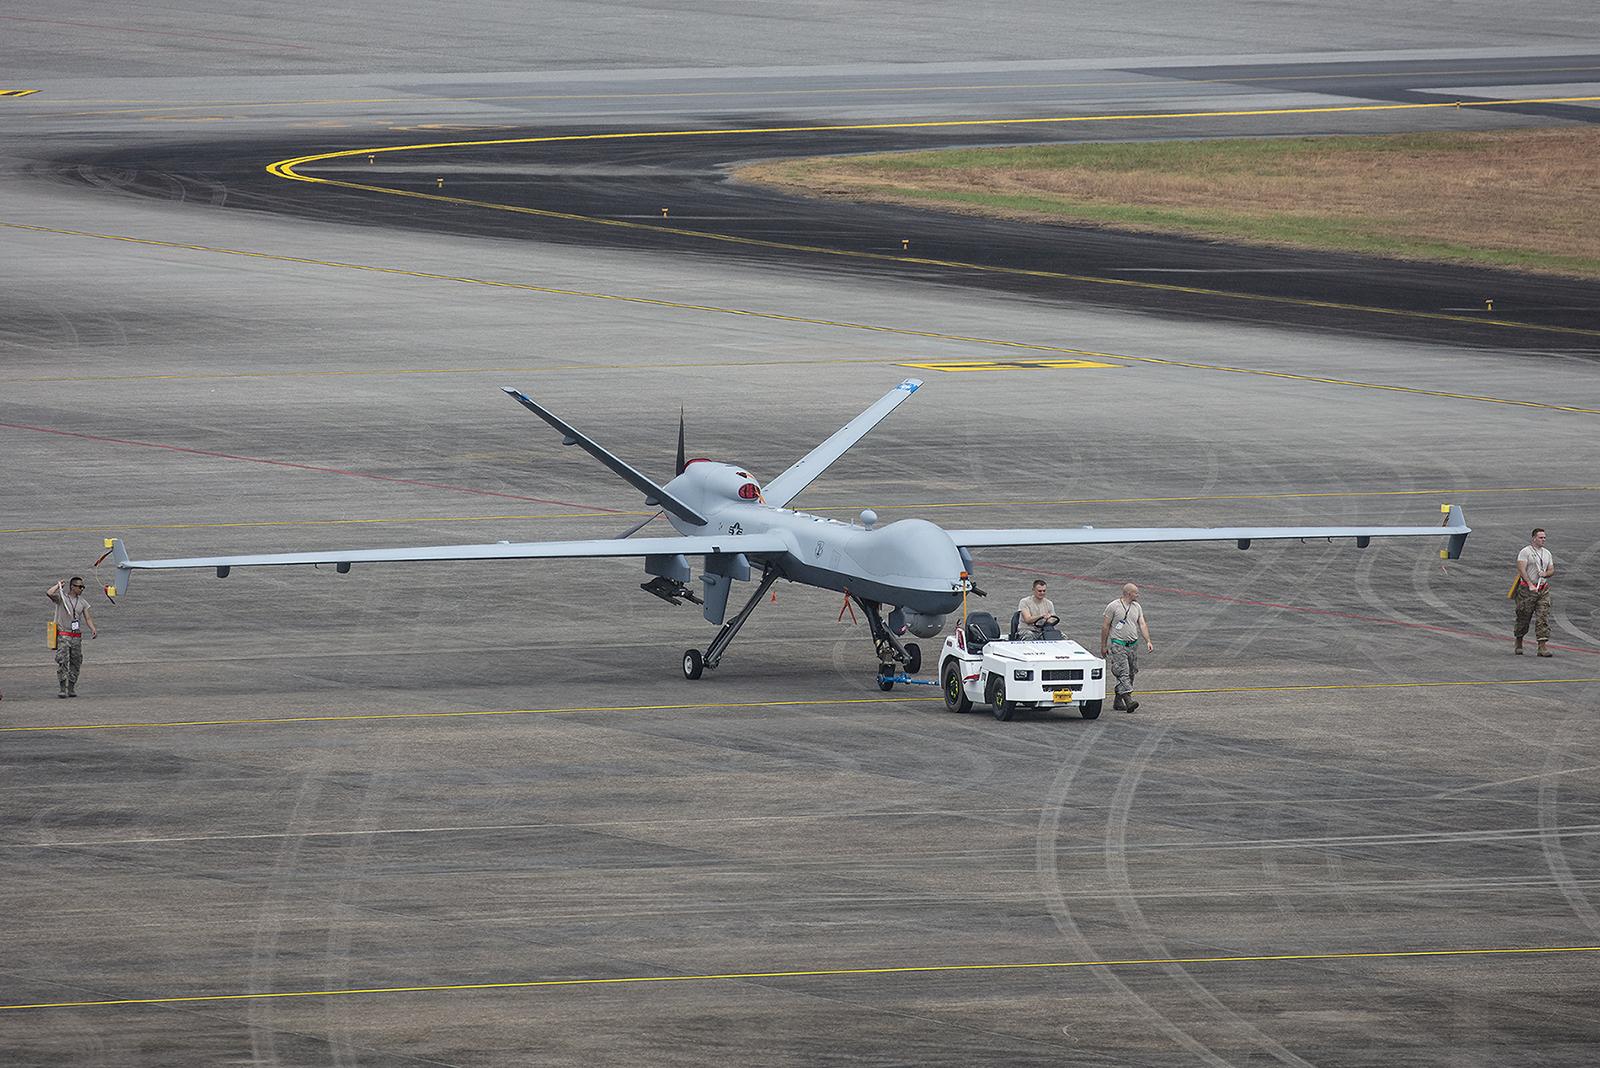 Es gab auch ferngesteuerte Flieger, hier ein MQ-9 Reaper.